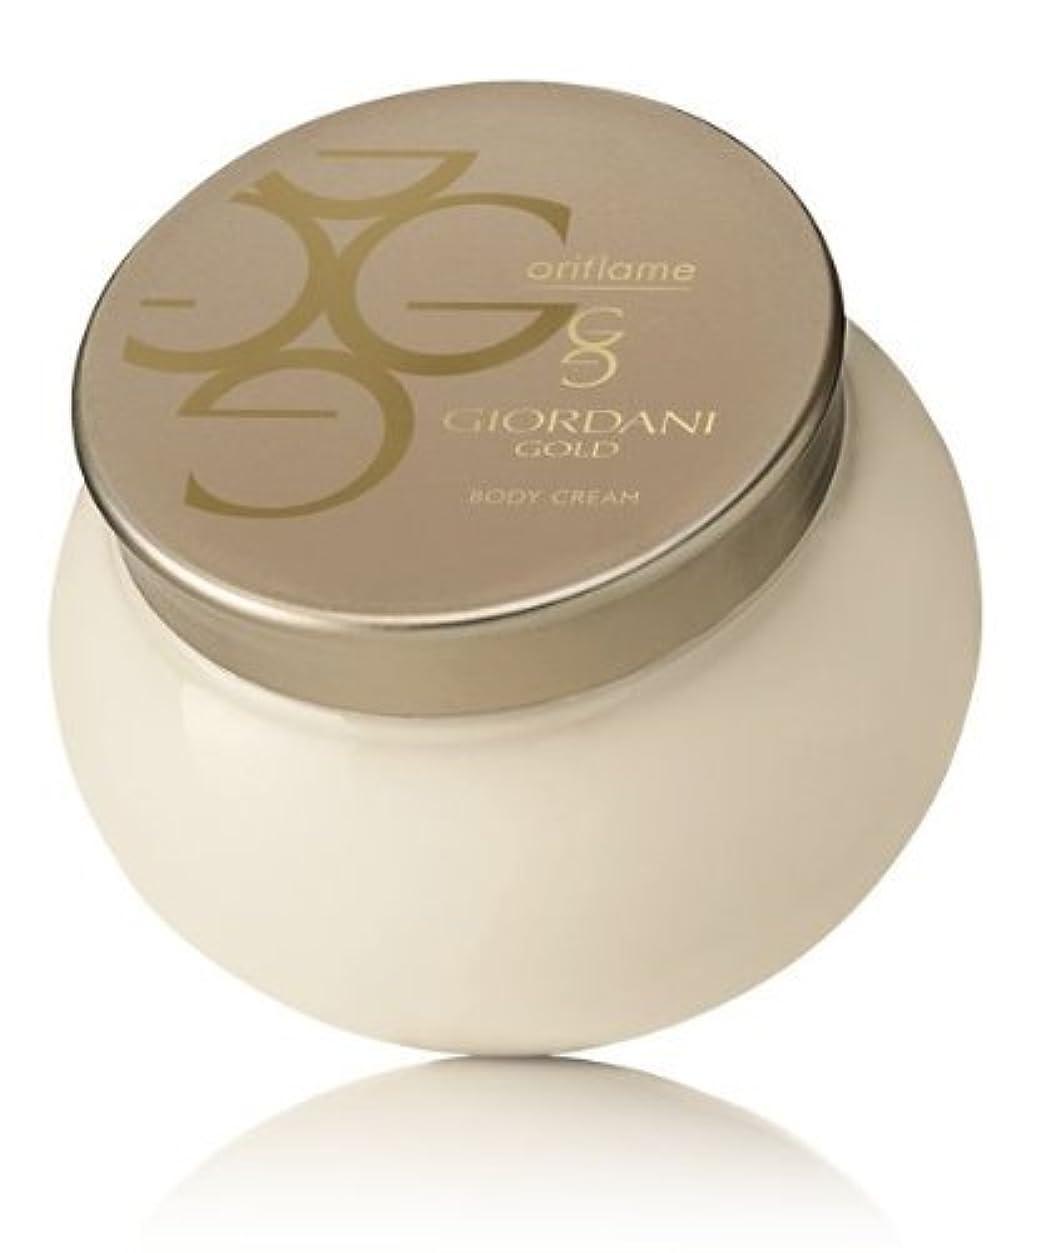 適応メルボルン佐賀Giordani Gold Body Cream by Oriflame